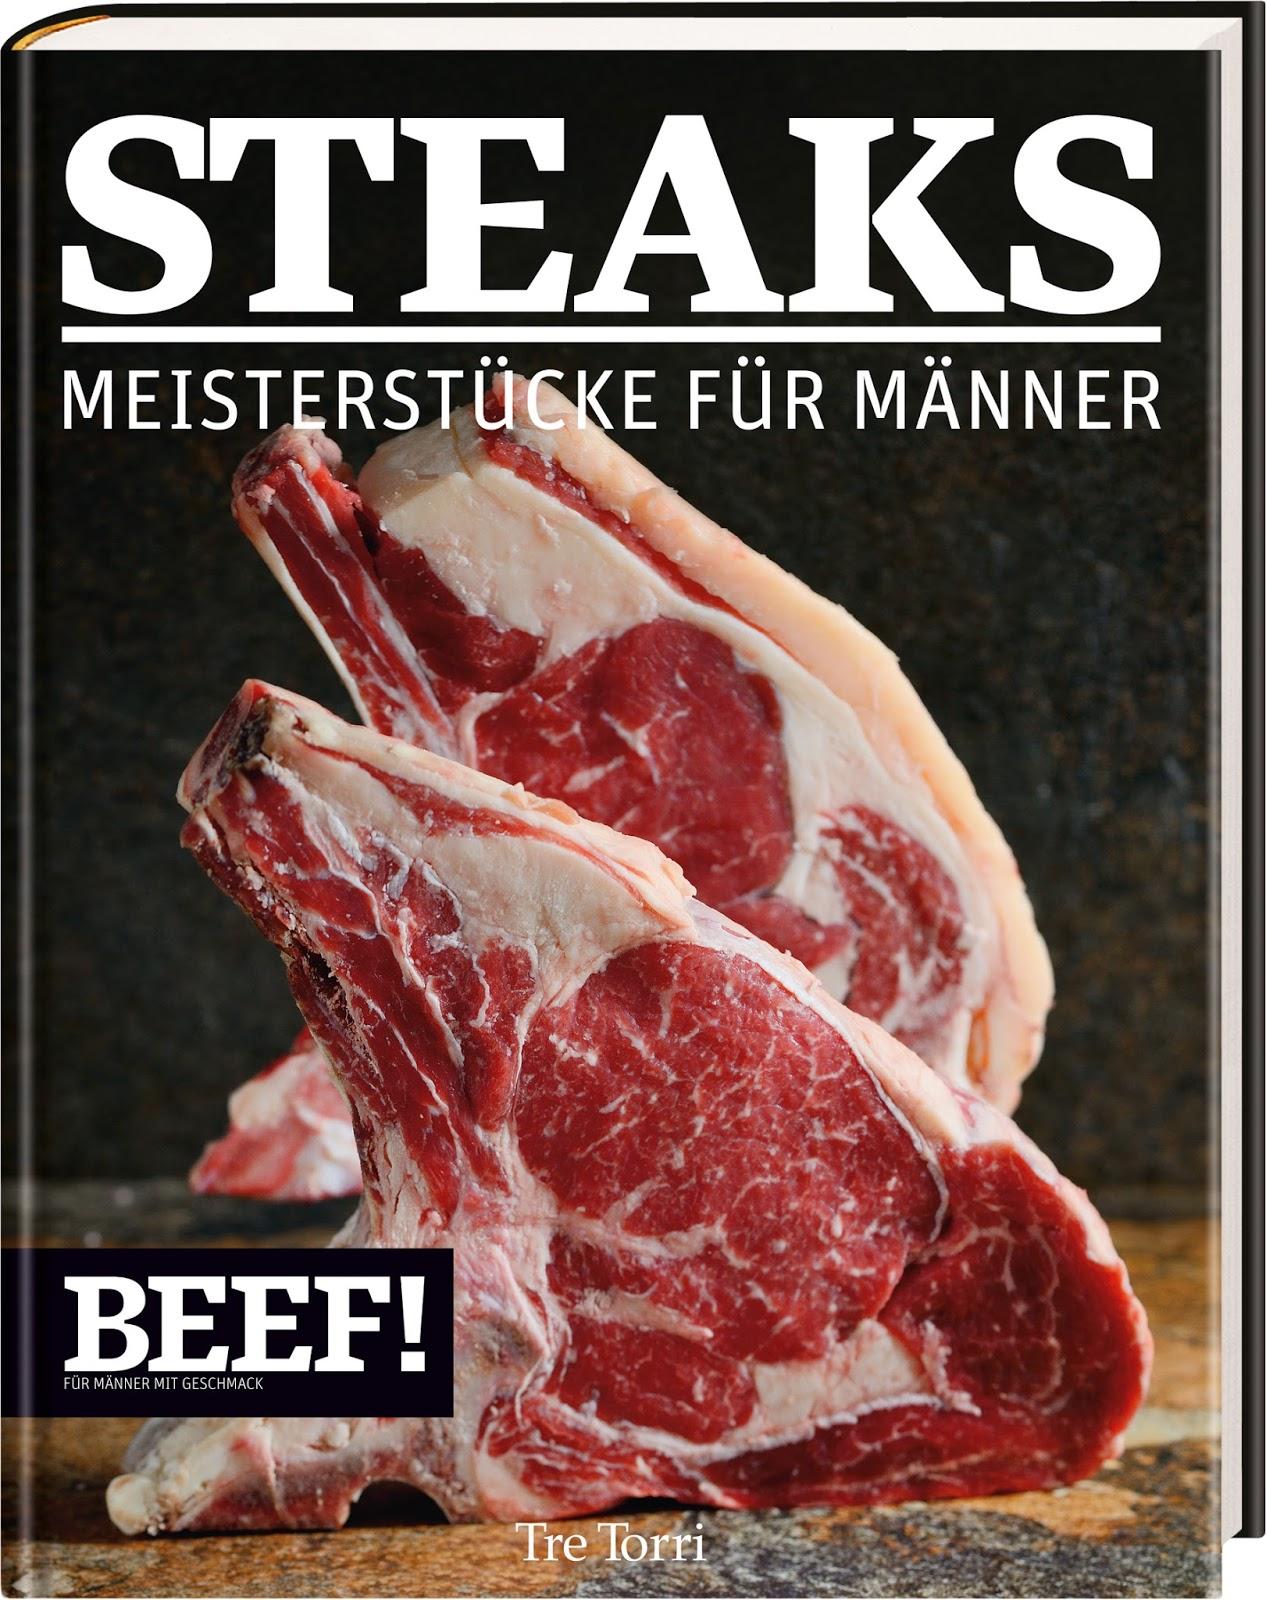 Steaks - Meisterstücke für Männer, das Buch zur Beef! Fotograf: Peter Schulte für Tre Torri Verlag | Arthurs Tochter Kocht by Astrid Paul